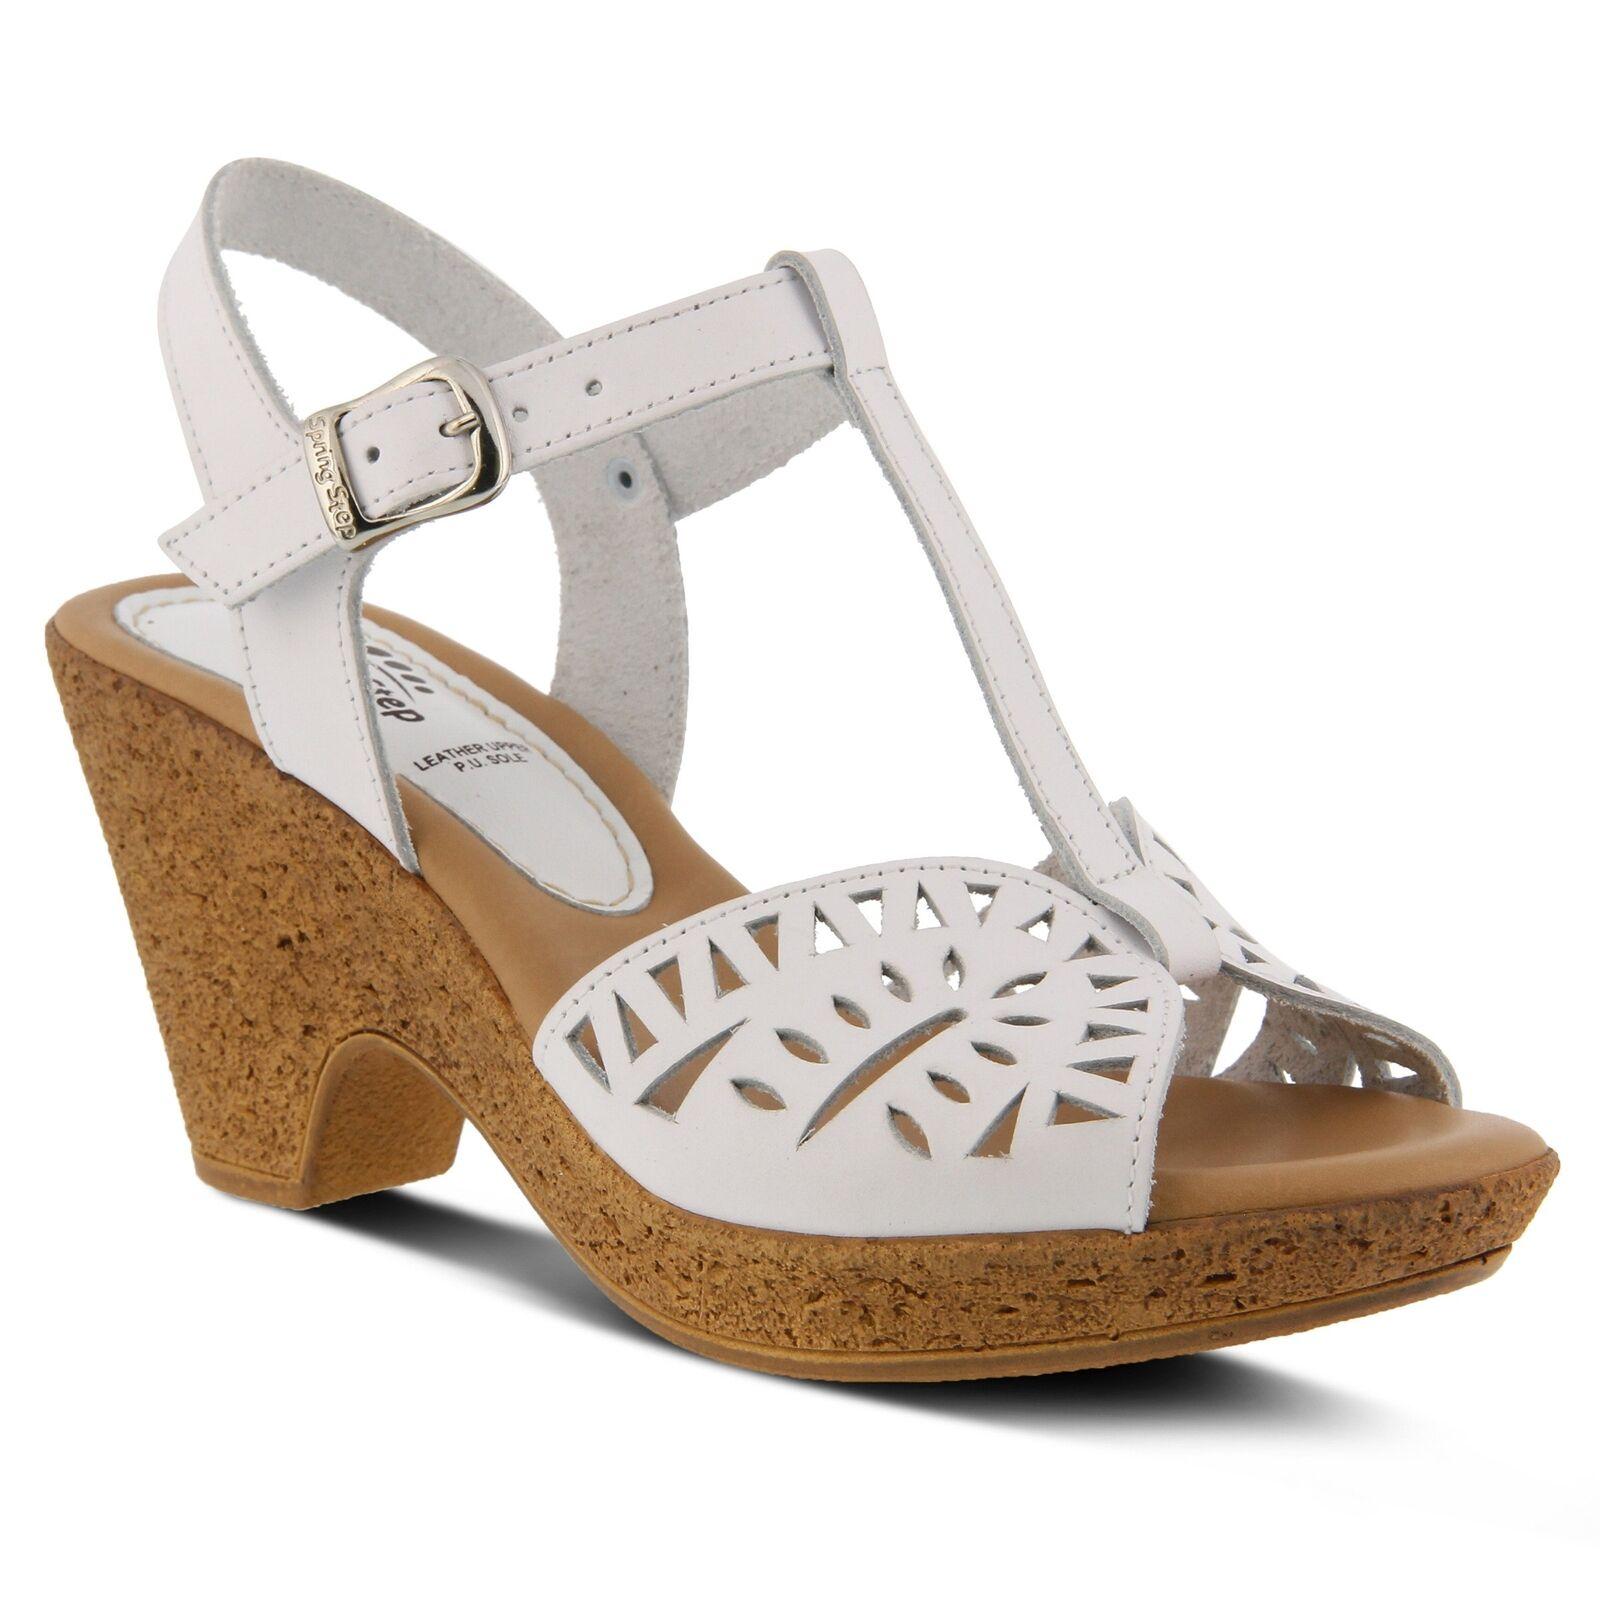 SCHUTZ Women's Reva Dress Sandal - Choose SZ/Color